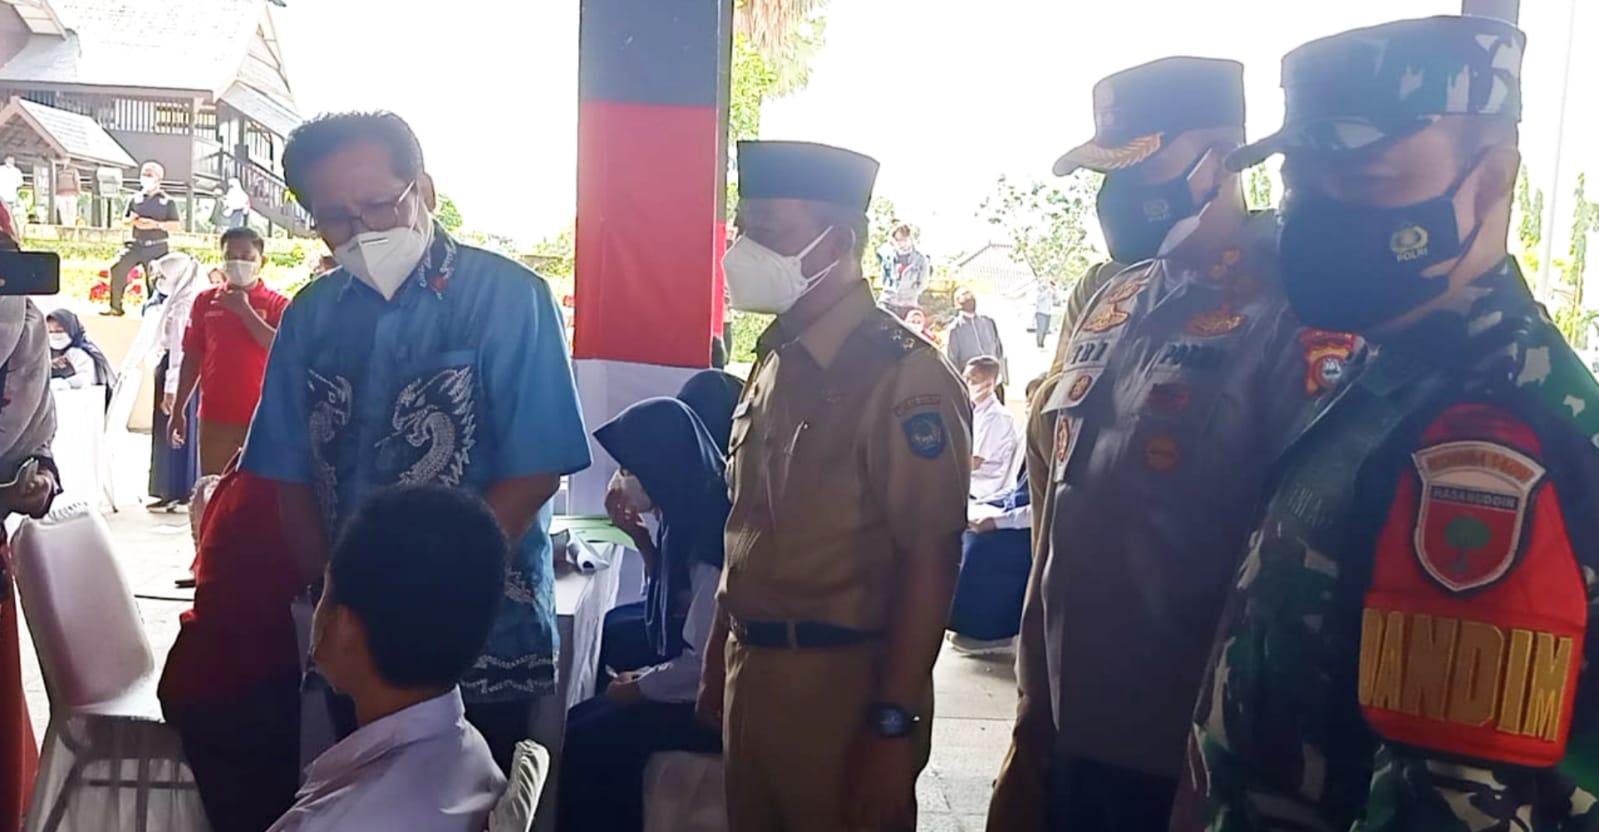 Jubir Presiden RI Kunjungi Lokasi Vaksinasi Untuk Pelajar, Kapolres Gowa Dan Forkopimda Dampingi